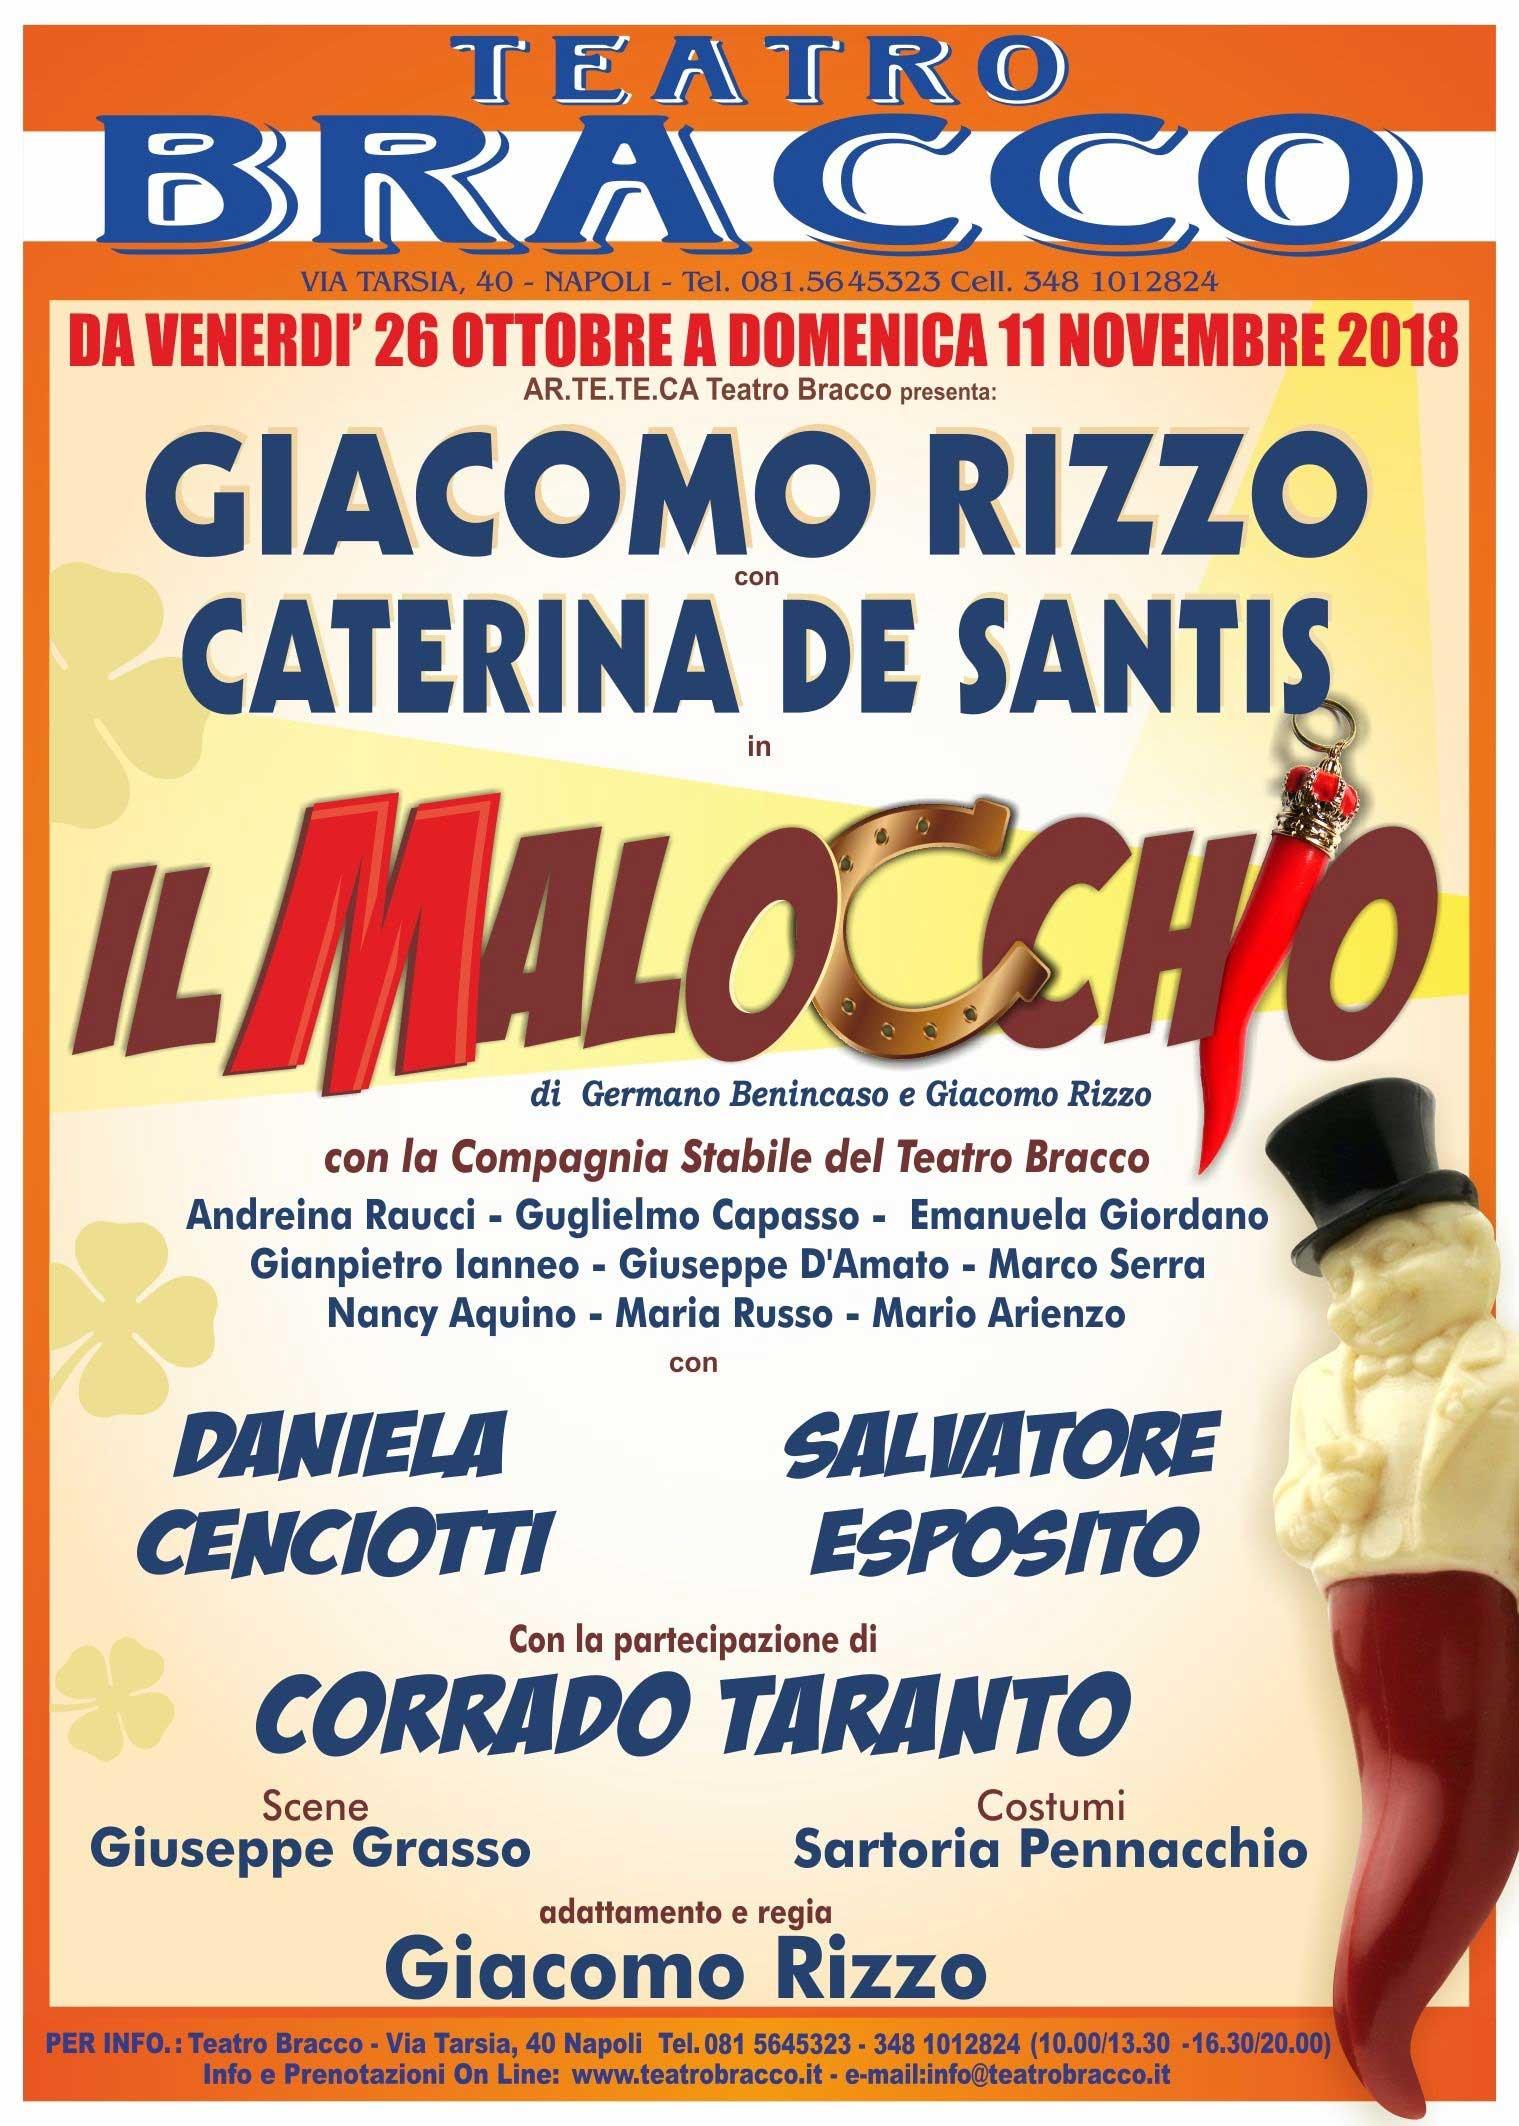 Il Malocchio con Giacomo Rizzo e Caterina De Santis